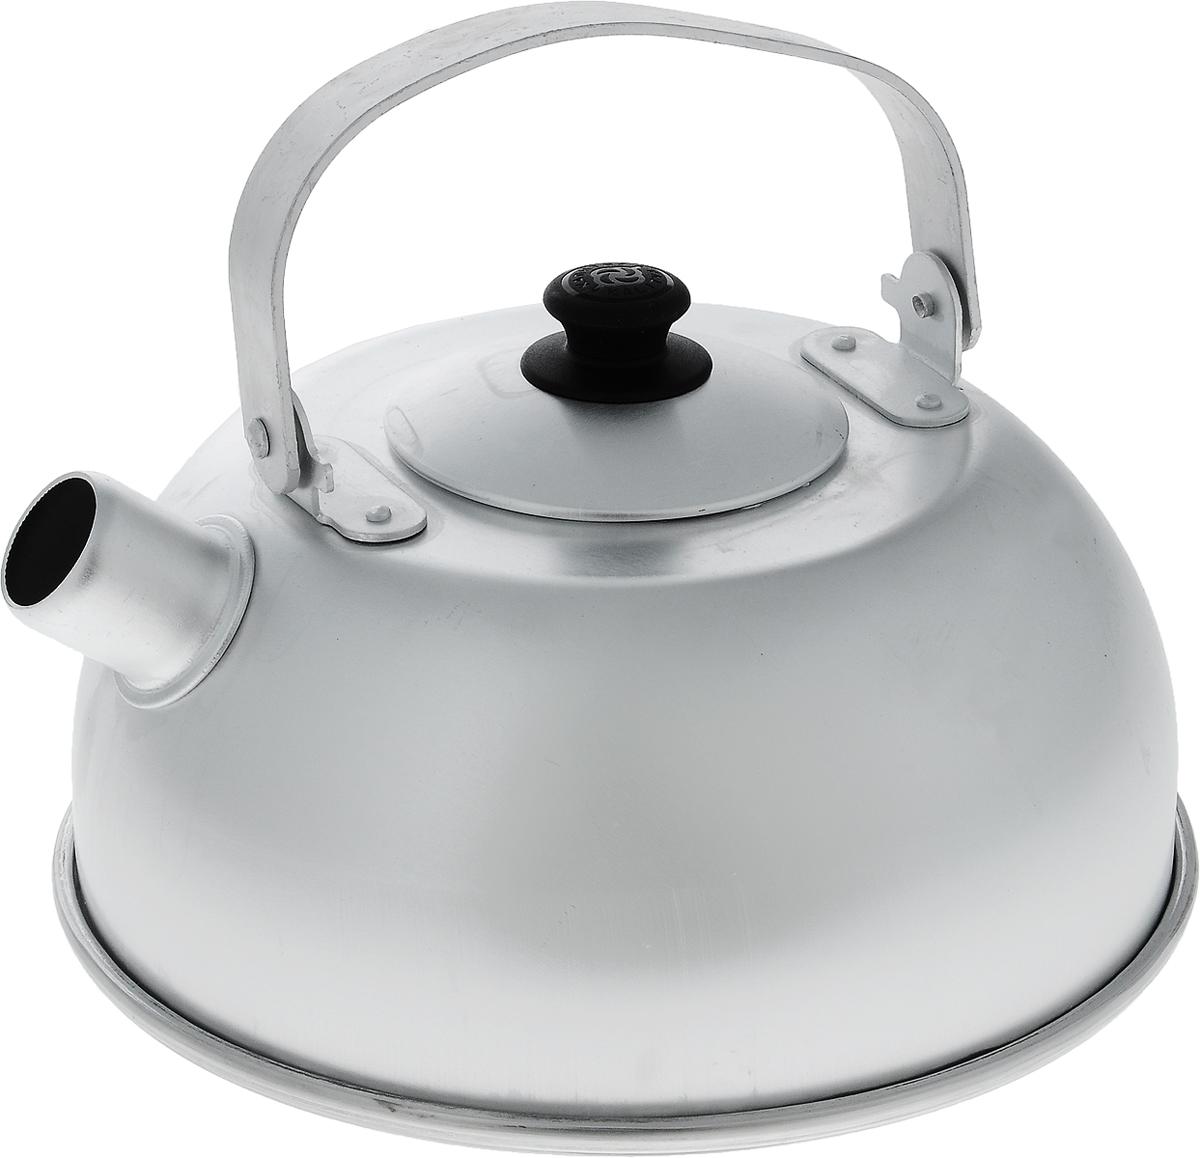 Чайник Kalitva, 5 л115510Чайник Kalitva выполнен из высококачественного литого алюминия. Благодаря хорошей теплопроводности алюминия, вода закипает в нем быстрее, чем в эмалированных чайниках. Изделие оснащено крышкой и удобной ручкой. Поверхность чайника гладкая, что облегчает уход за ним. Эстетичный и функциональный чайник будет оригинальносмотреться в любом интерьере.Подходит для газовых, электрических и стеклокерамических плит.Высота чайника (без учета ручки и крышки): 11 см. Высота чайника (с учетом ручки и крышки): 22 см. Диаметр чайника (по верхнему краю): 10 см.Диаметр основания: 21,5 см.